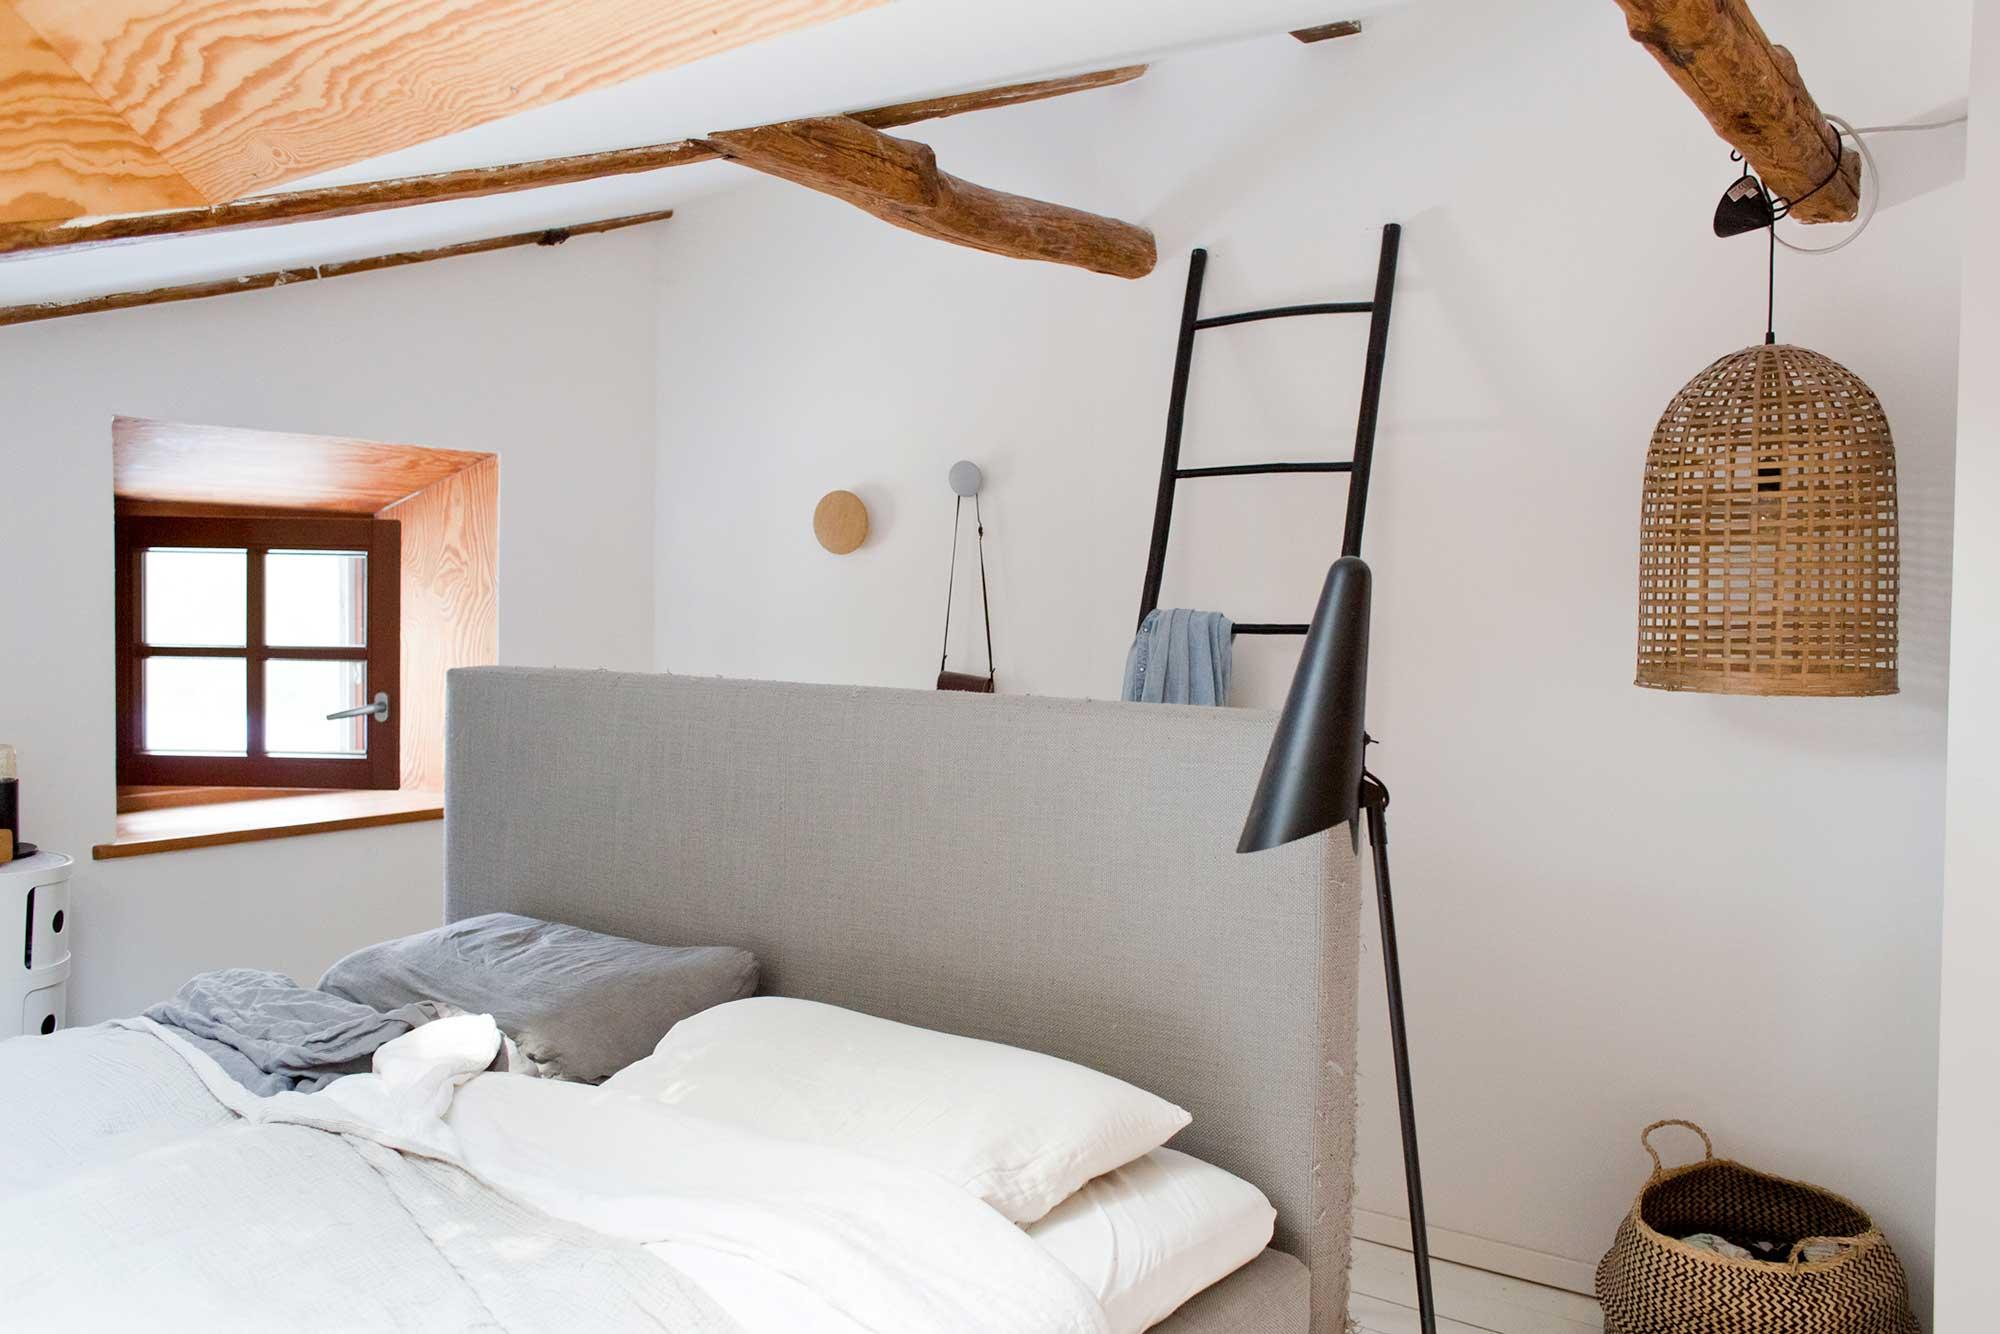 traumhaus am see bei ebay kleinanzeigen gefunden femtastics. Black Bedroom Furniture Sets. Home Design Ideas